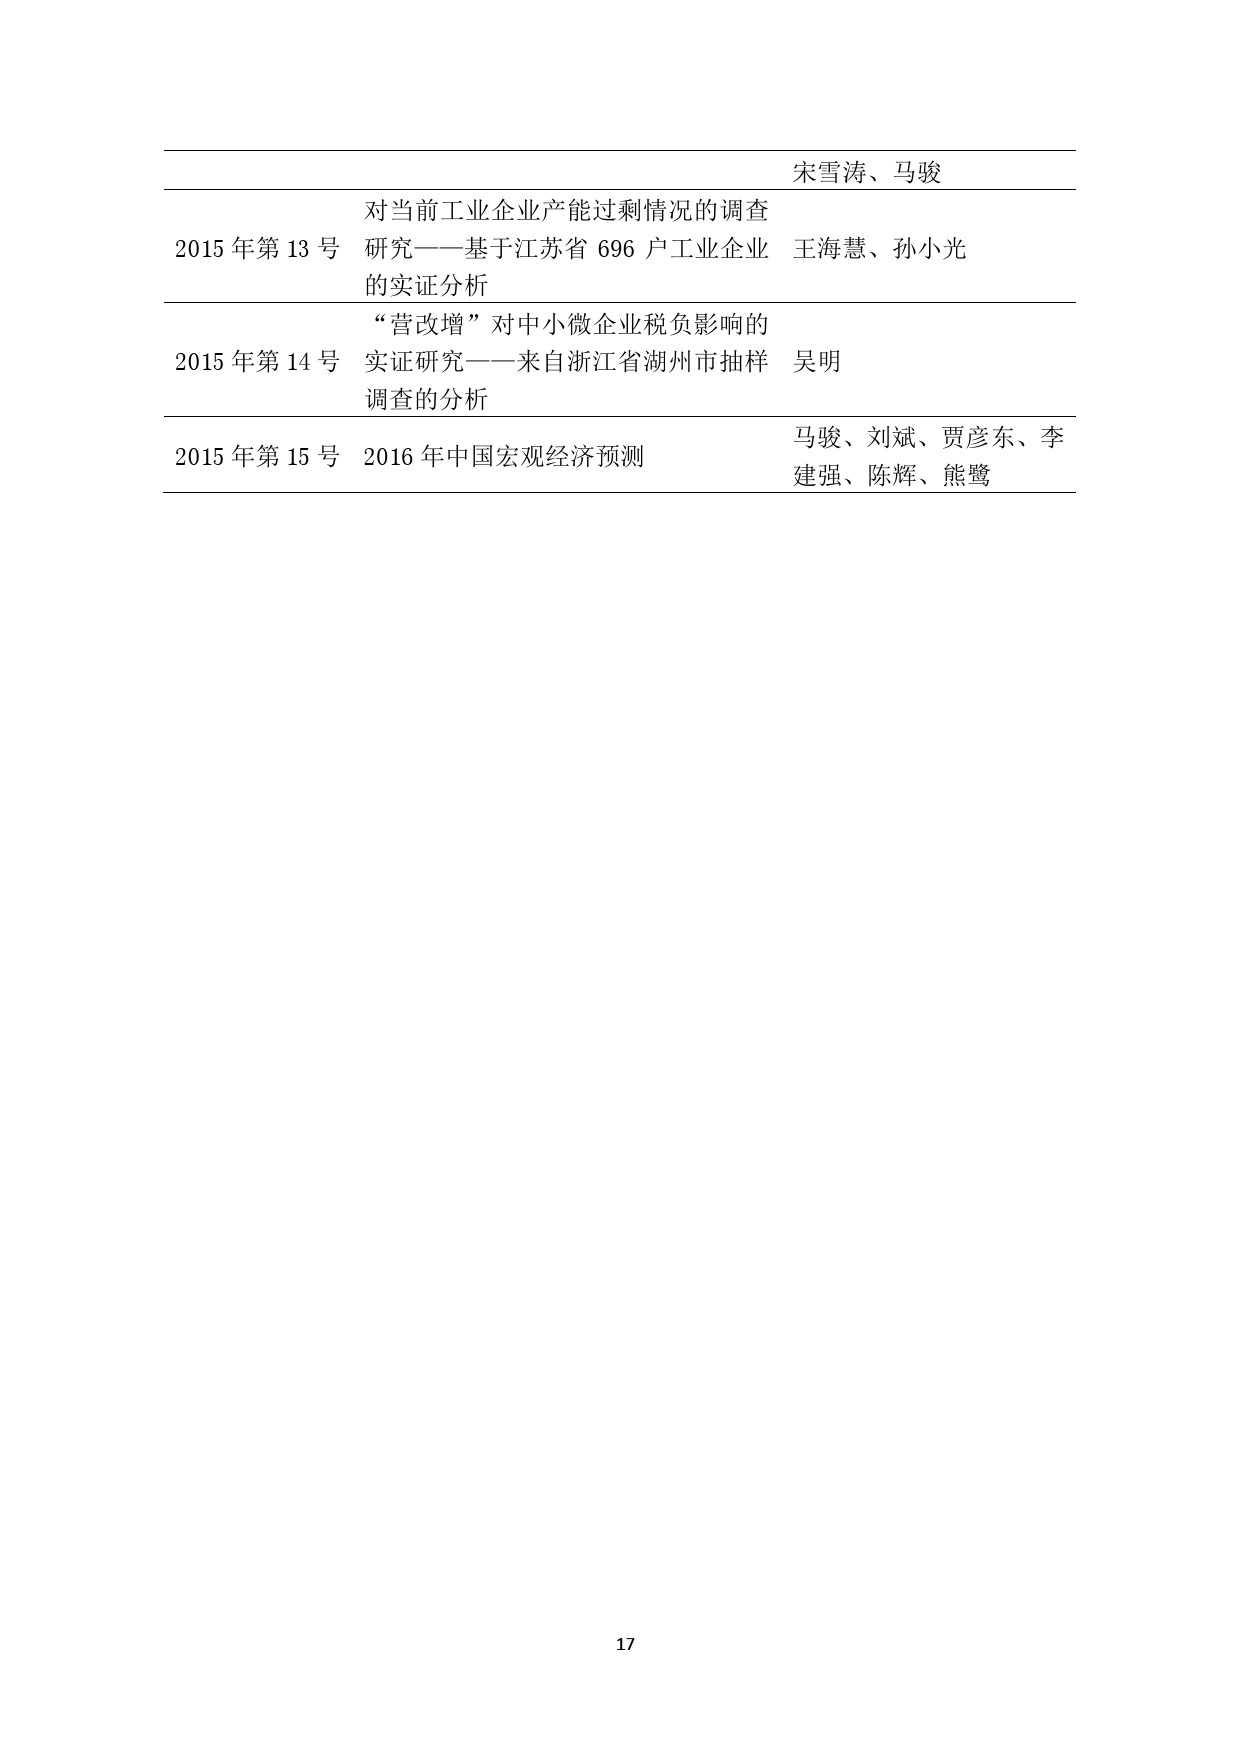 中国人民银行:2016 年中国宏观经济预测_000017